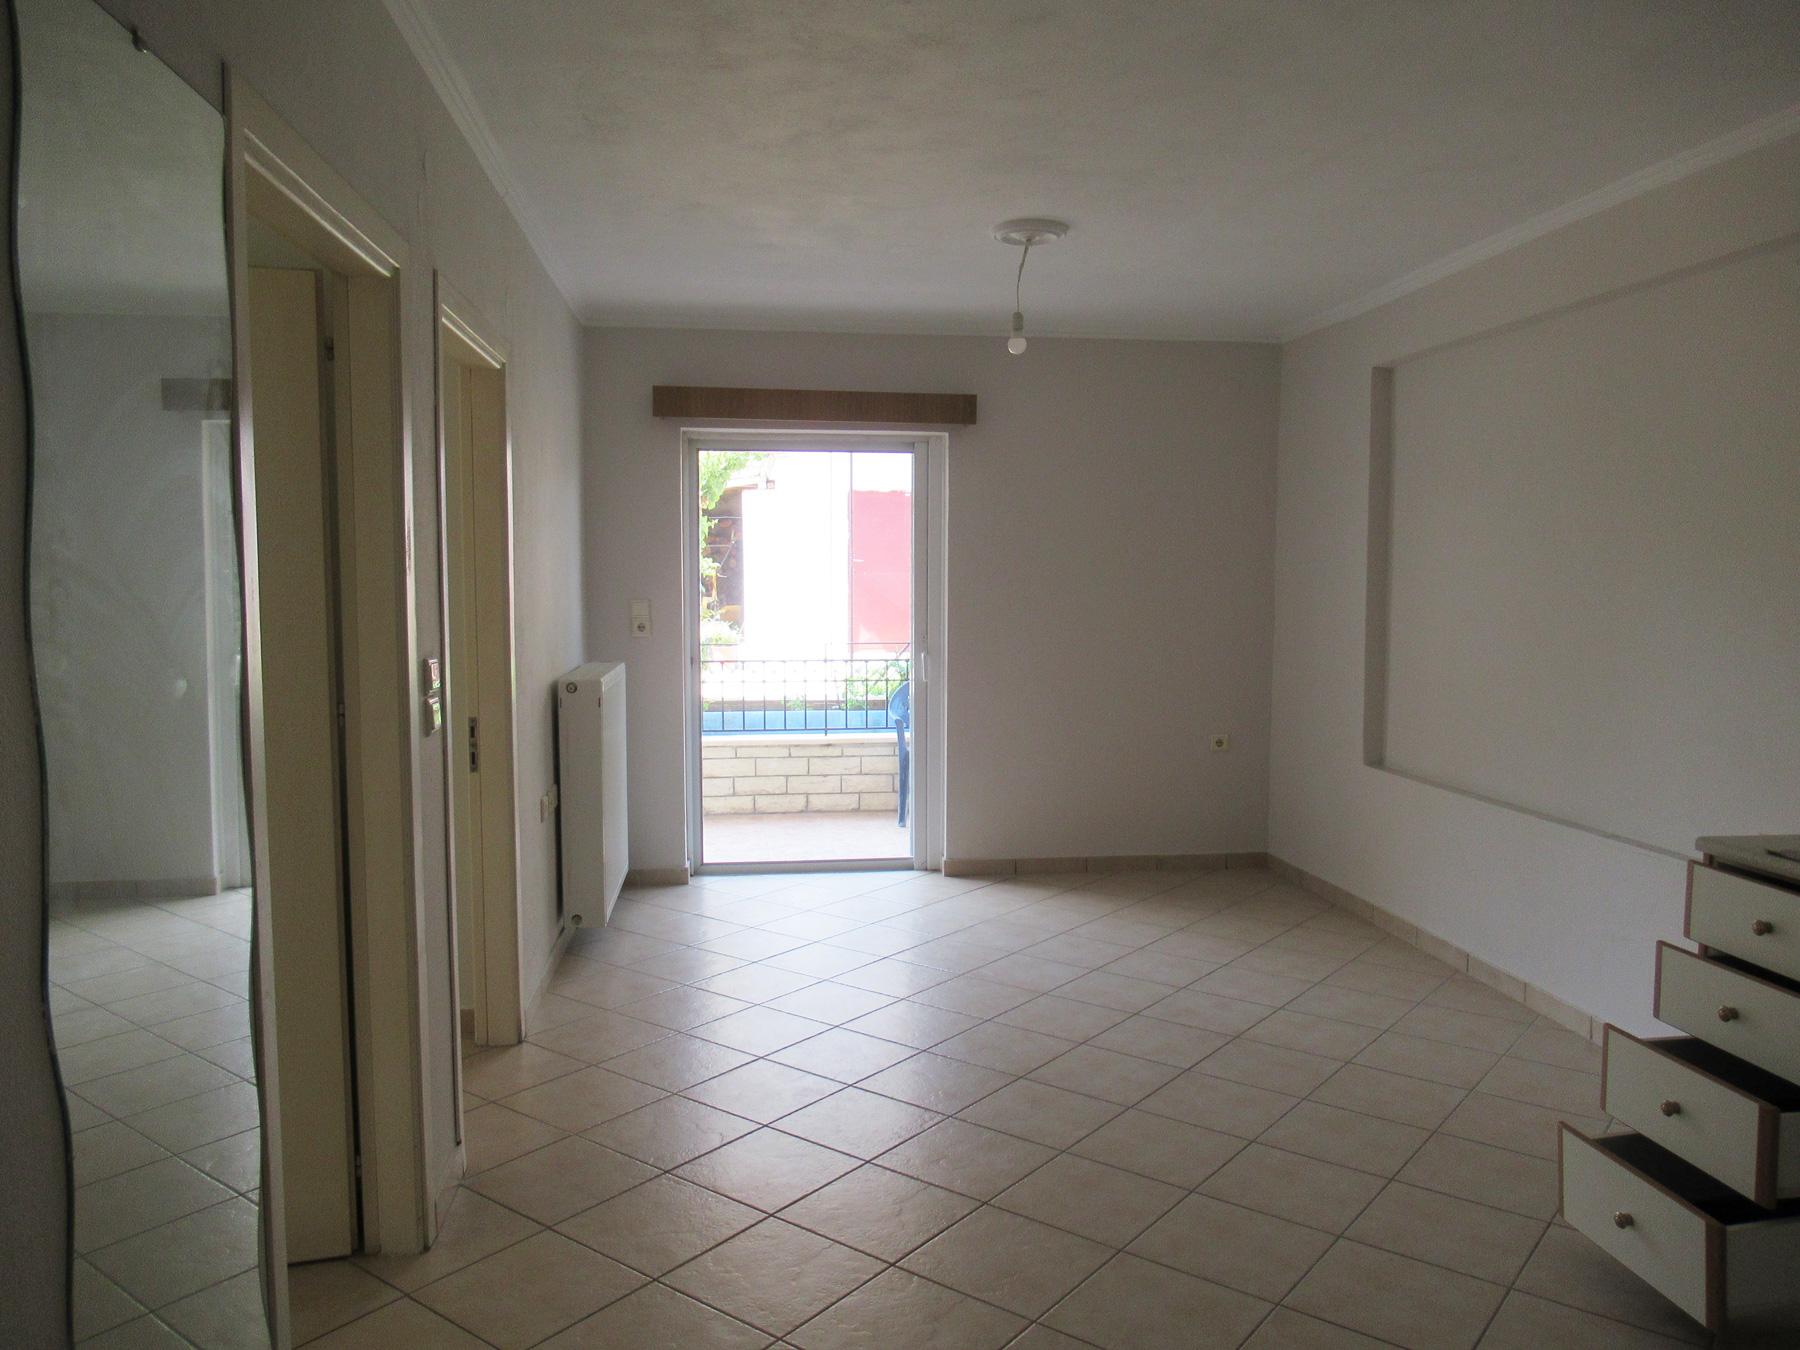 Ενοικιάζεται νεόδμητο 3αρι ισόγειο διαμέρισμα 53 τ.μ. στην Ανατολή Ιωαννίνων